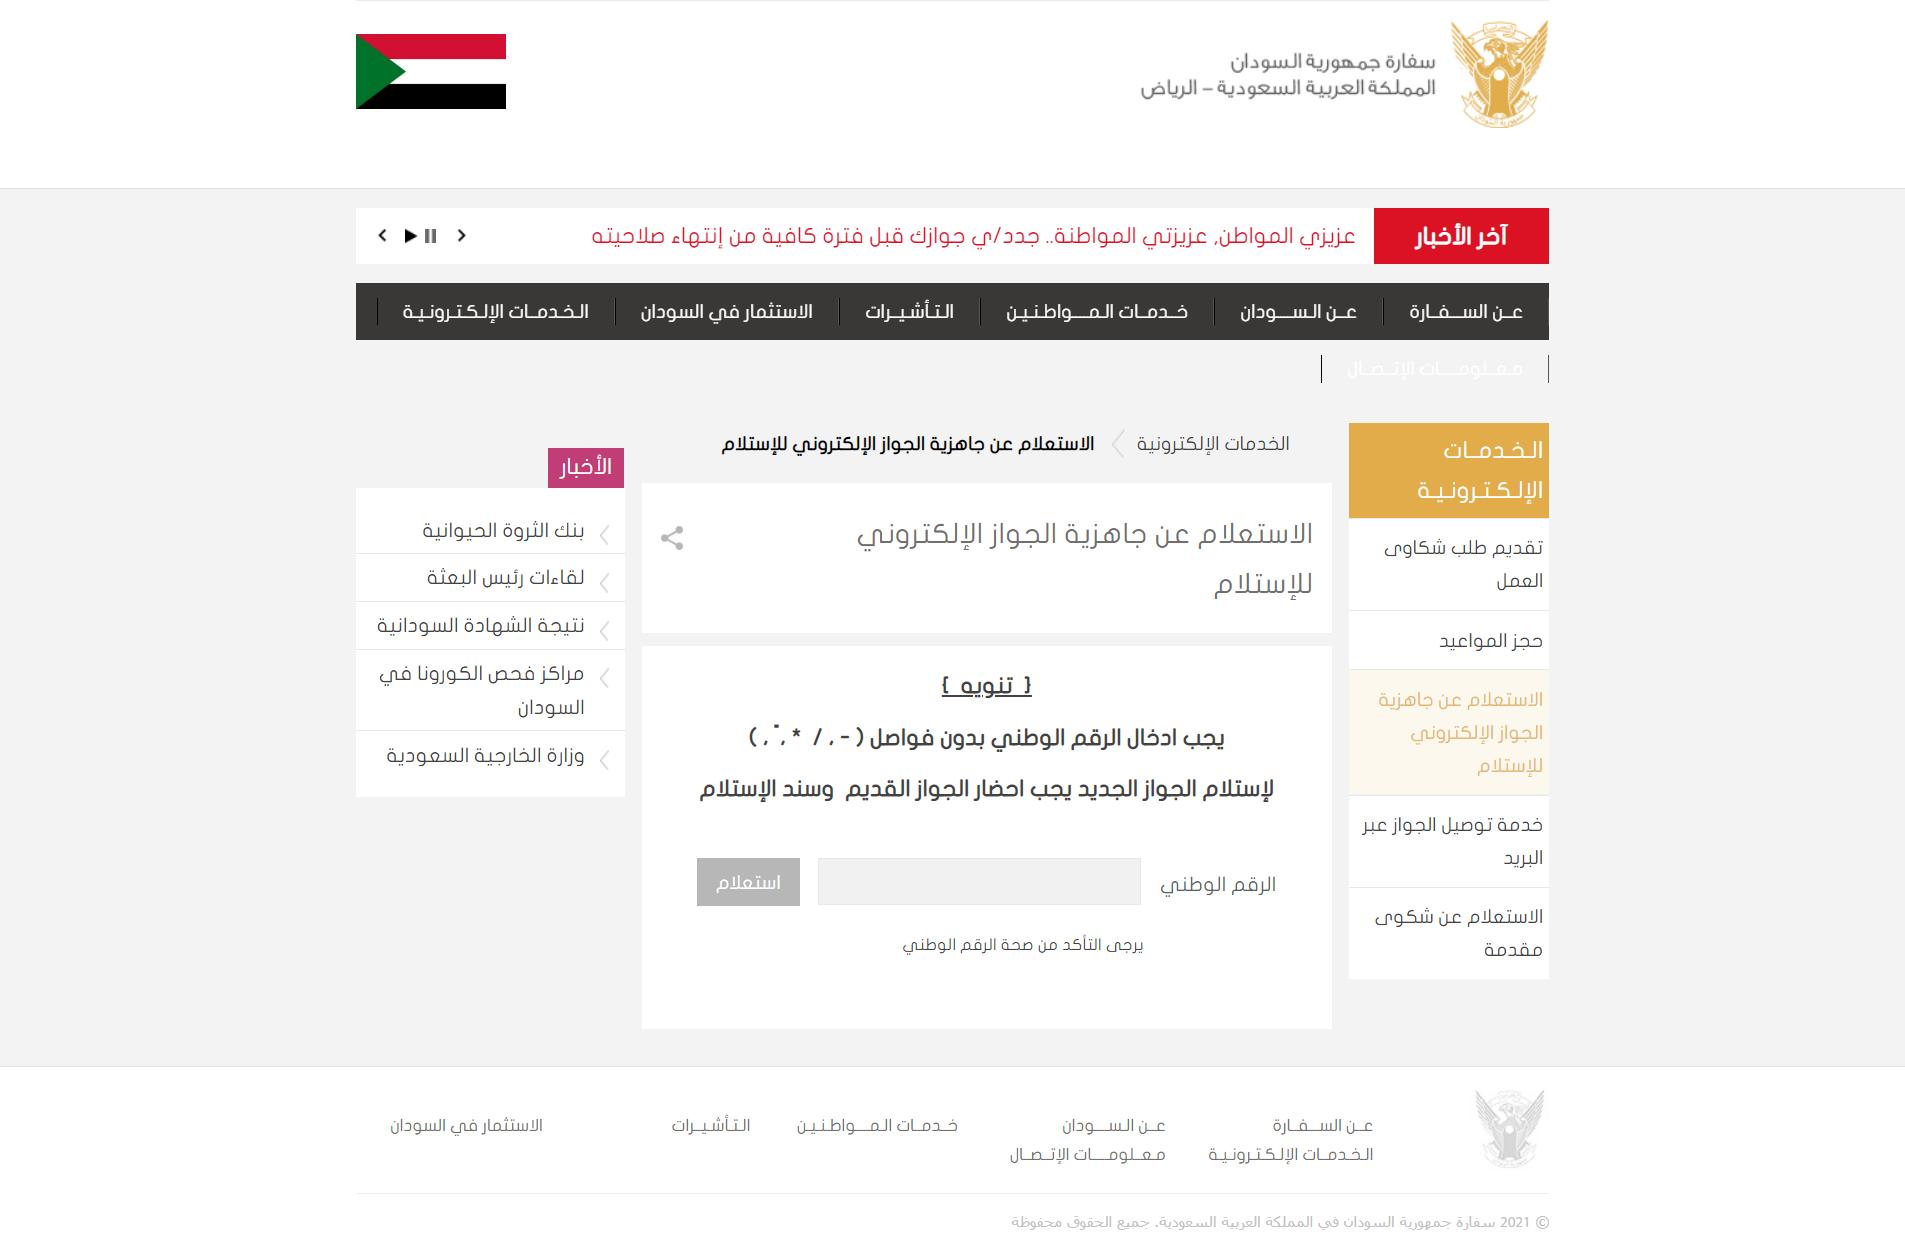 عن جاهزية الجواز السفارة السودانية بالرياض السعودية